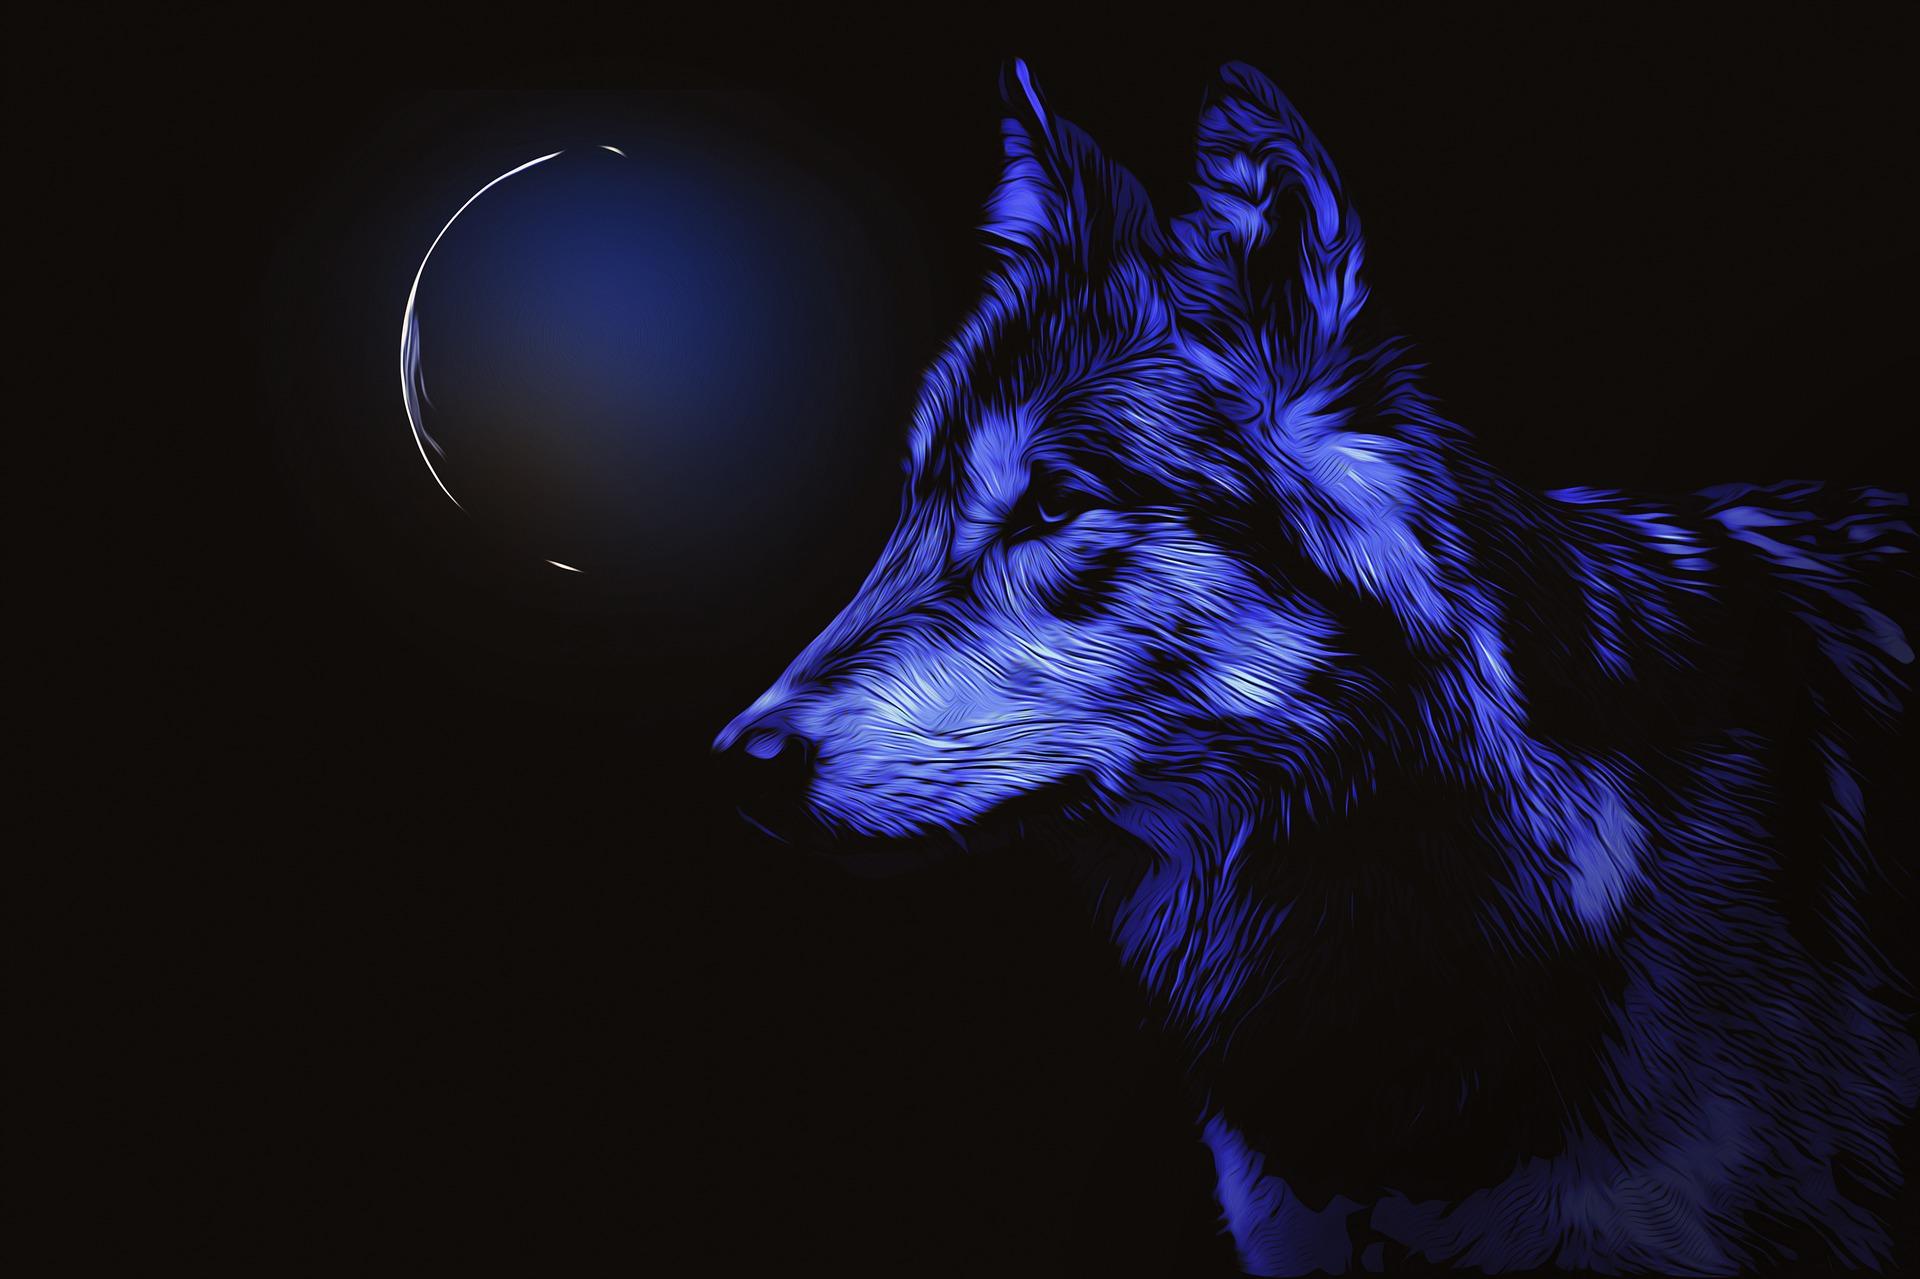 2022年1月18日(火)は今年最初のスーパームーン「ウルフムーン」に何を願う?満月を見る時に注意することや由来&スピリチュアル+おまじない